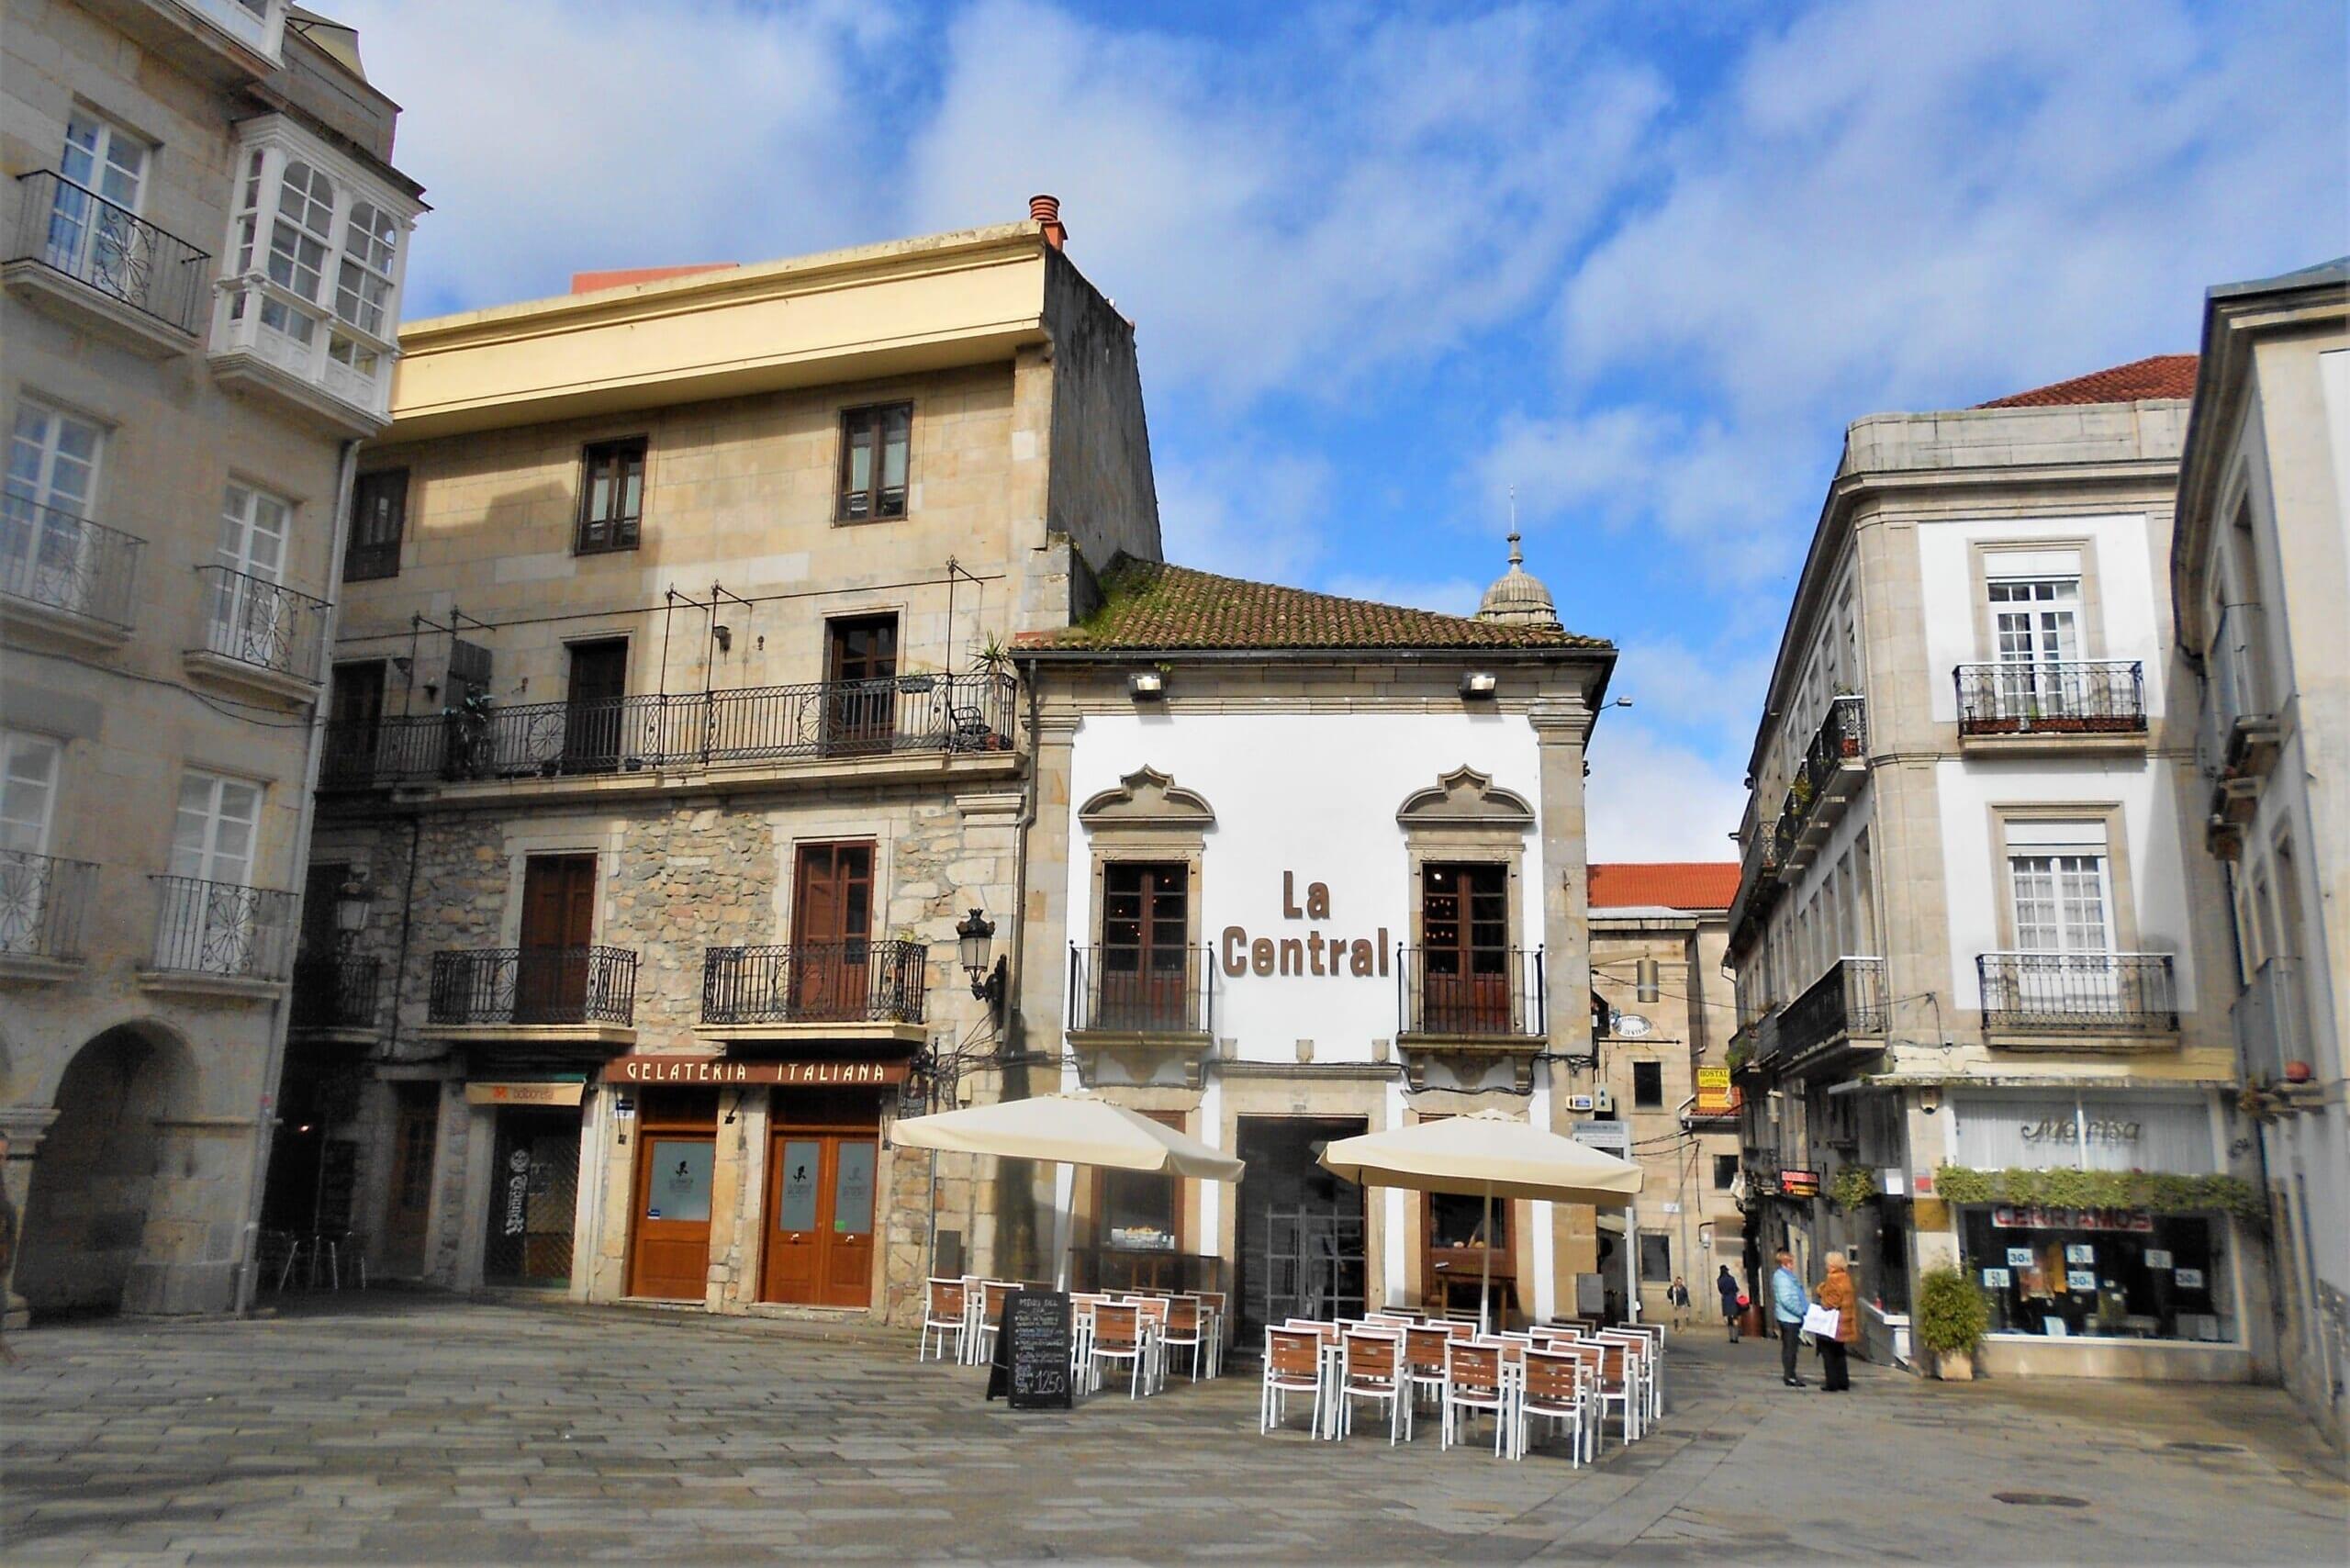 北スペインの観光スポットであるガリシアのビーゴ旧市街